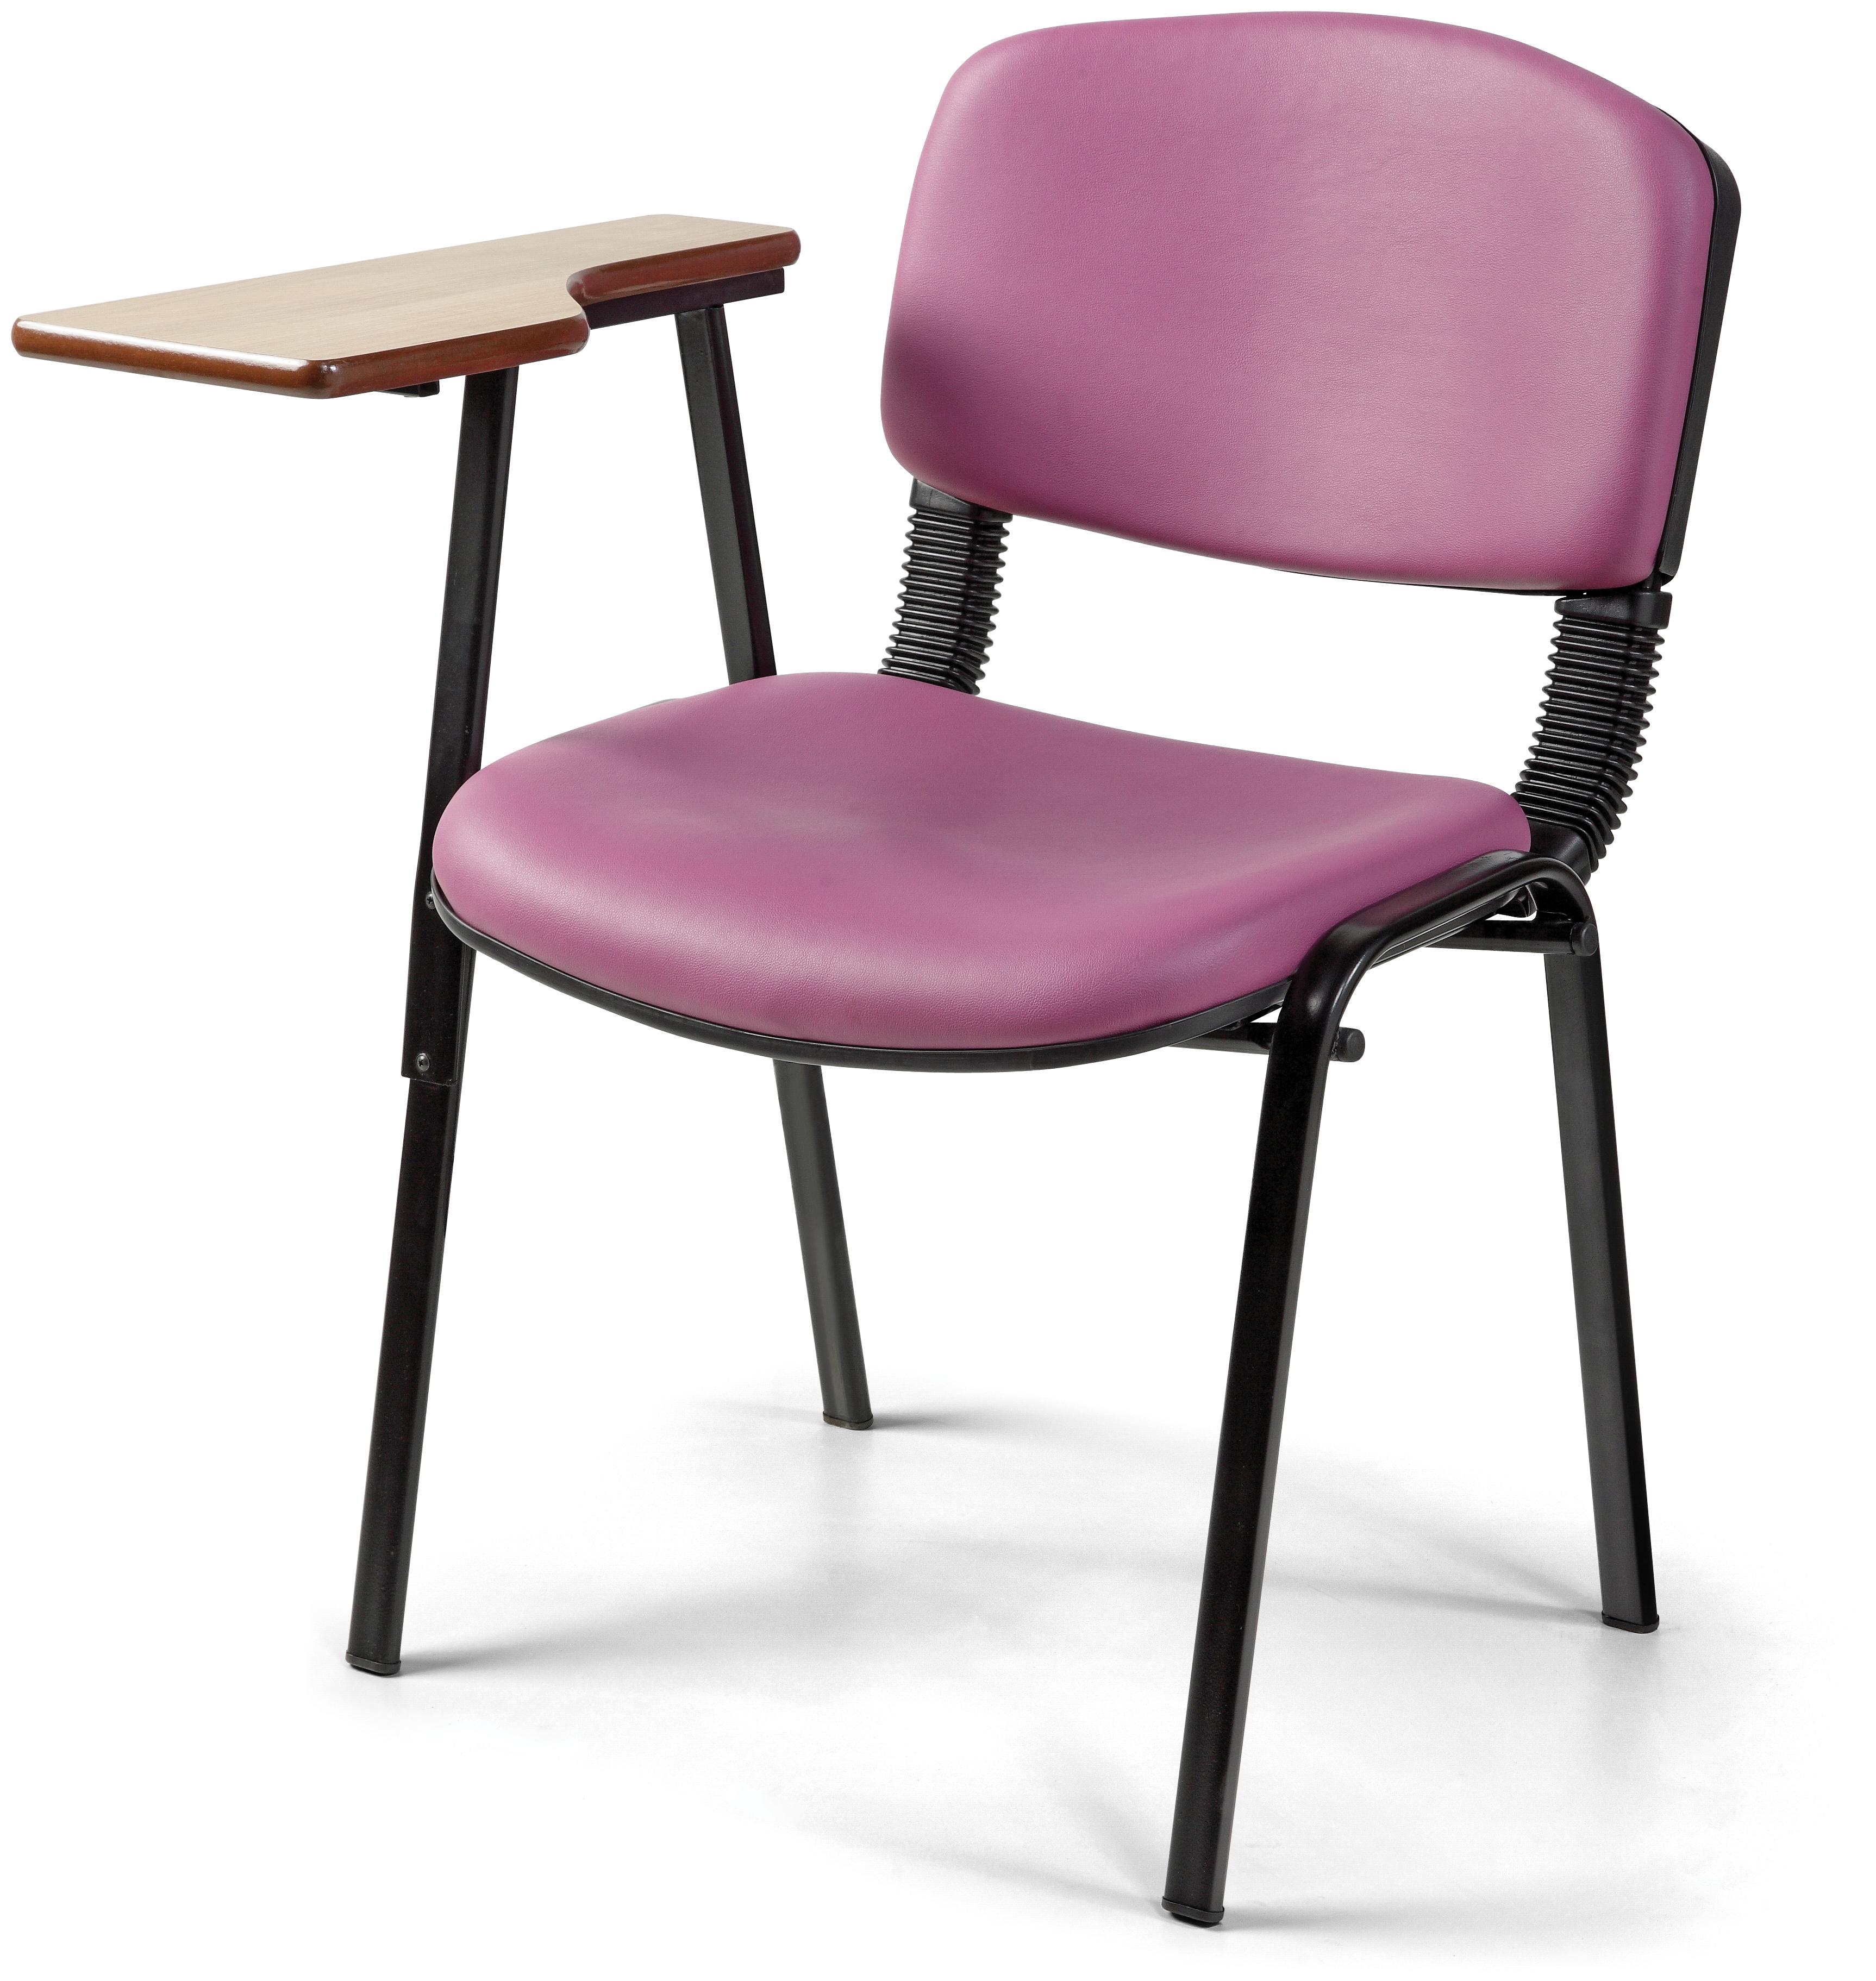 Seminar Chair   Traning Chair Cheap Prices